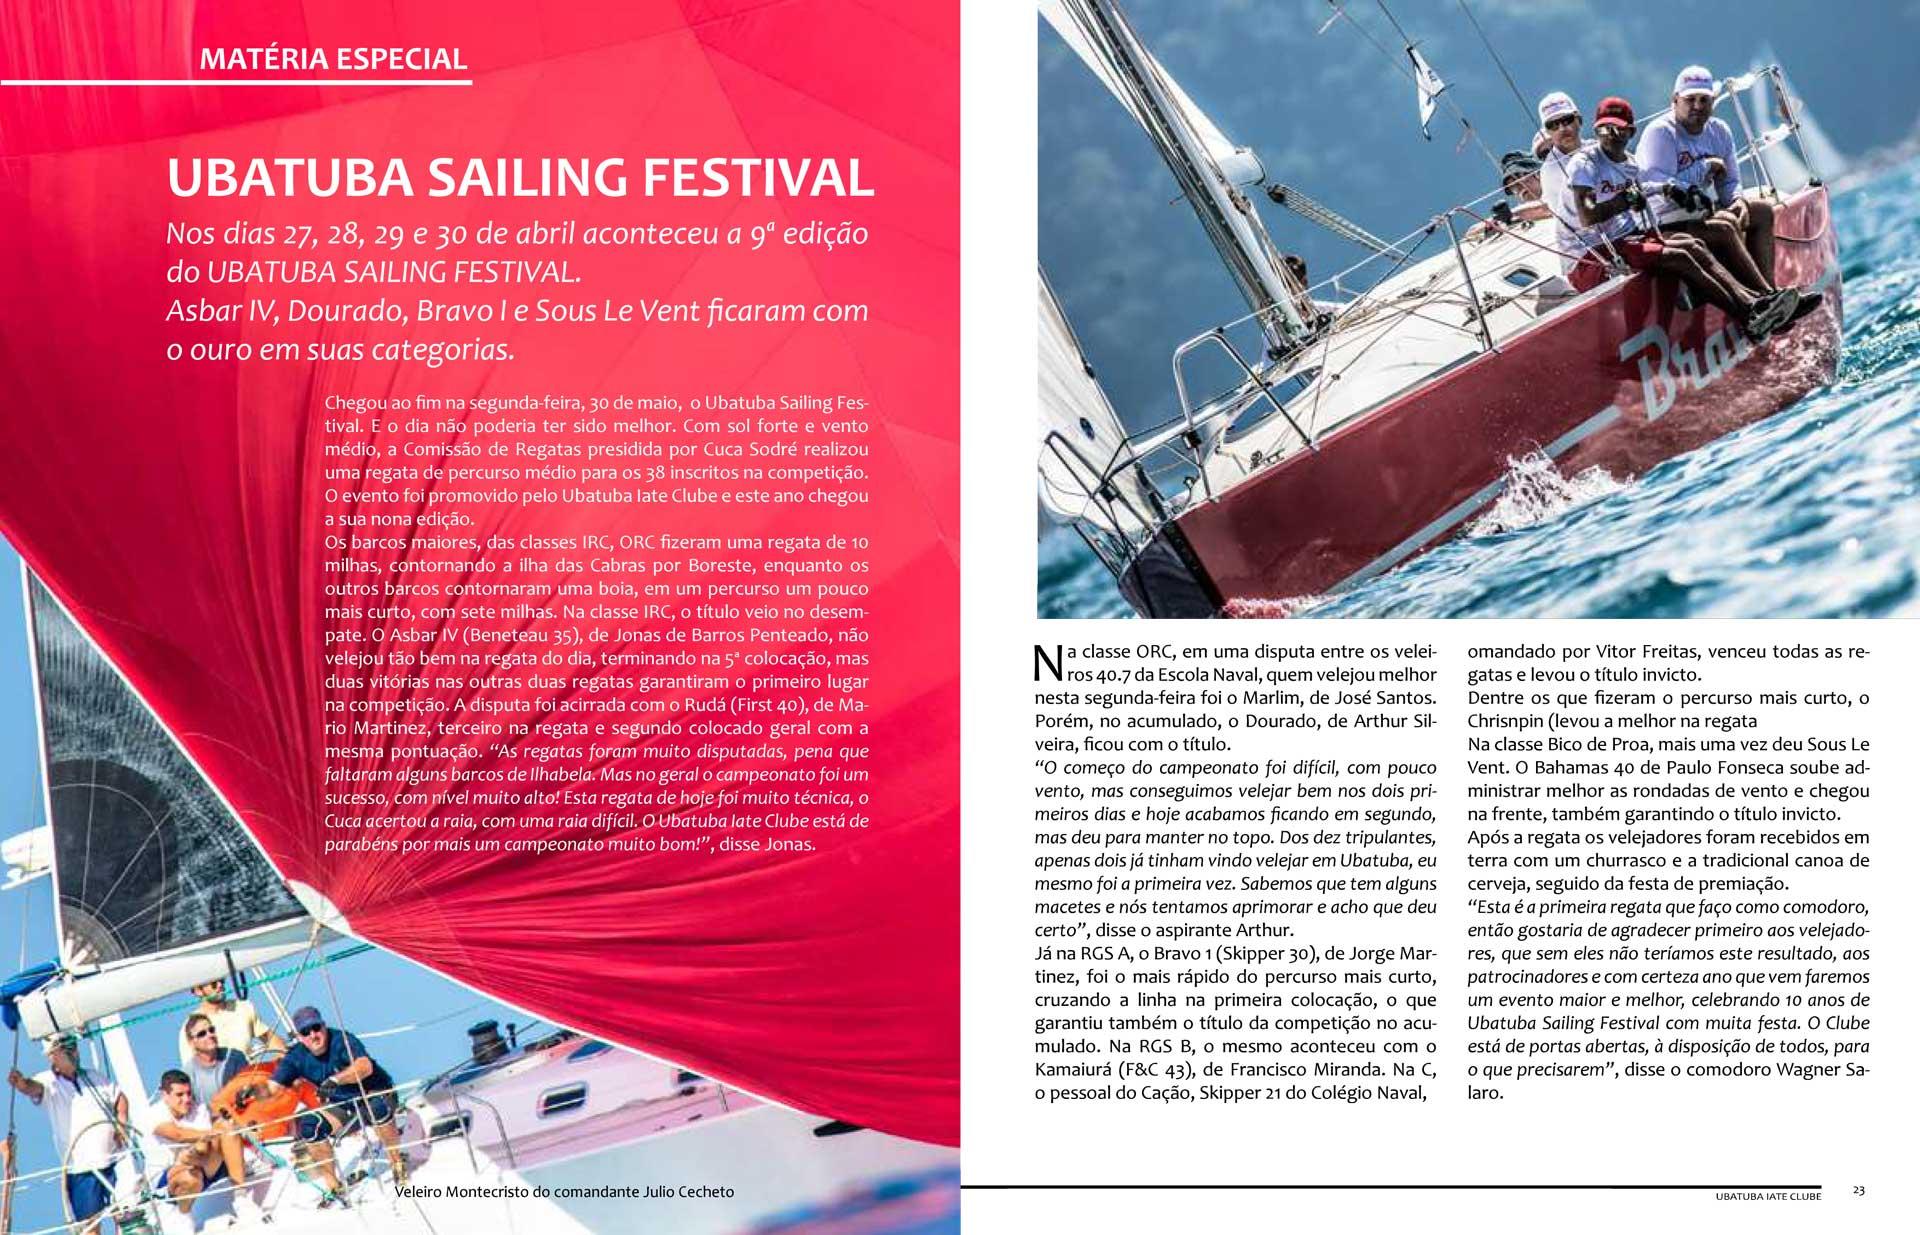 Ubatuba-Sailing-Festival---2018_rotated-1